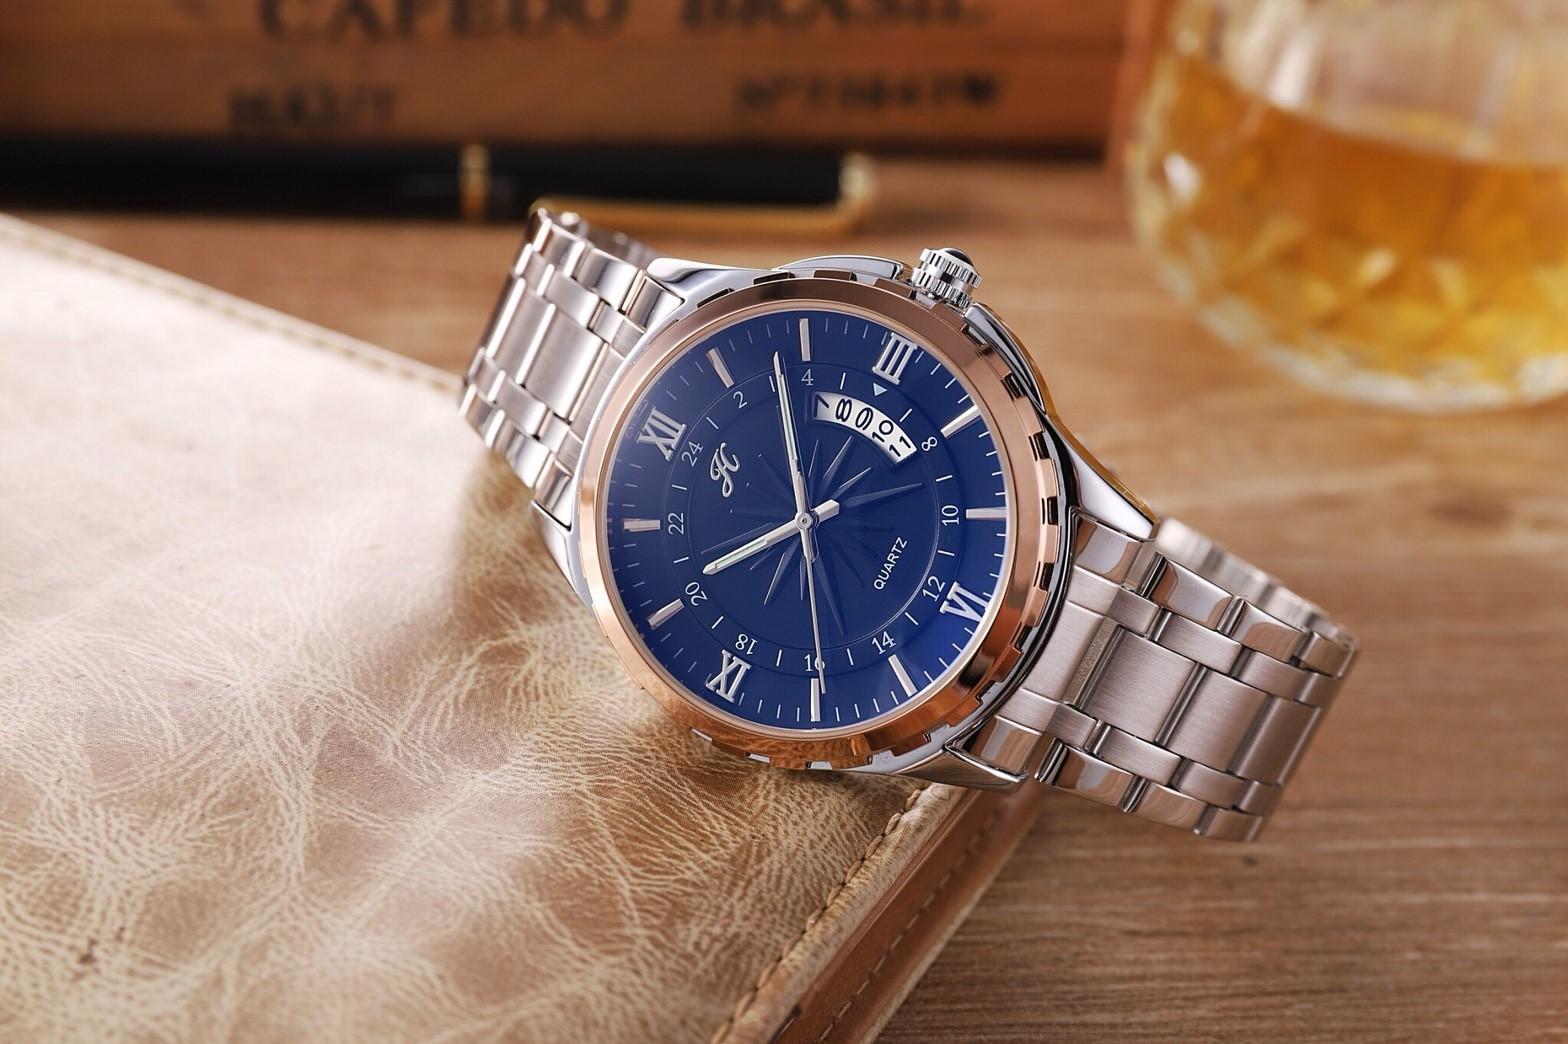 Feia Jam Tangan Wanita Jims Honey Timepiece 8422 Daftar Harga Rhythm Global I1204r04 Putih Pria 8026 Rsgold Black Dial